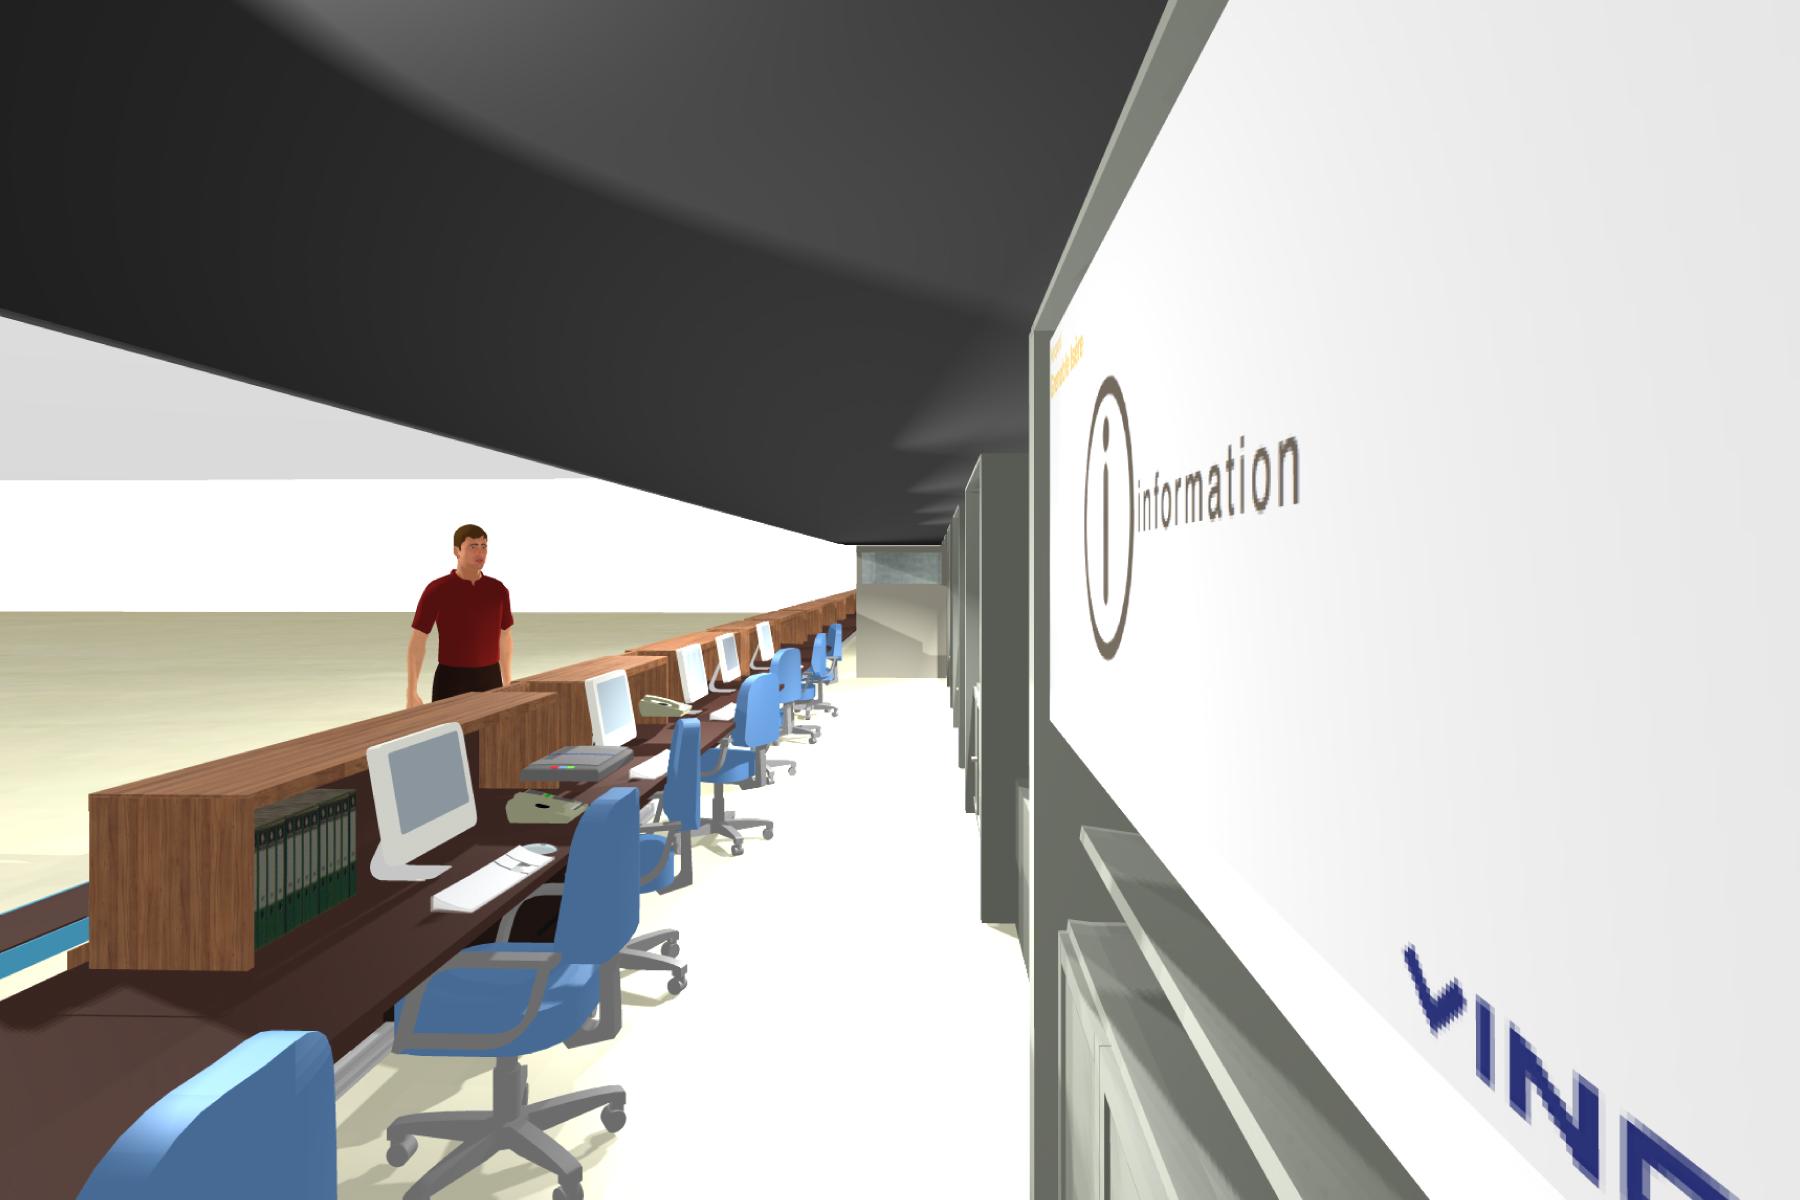 Aéroport Grenoble-Isère - Banque d'accueil / Bureau